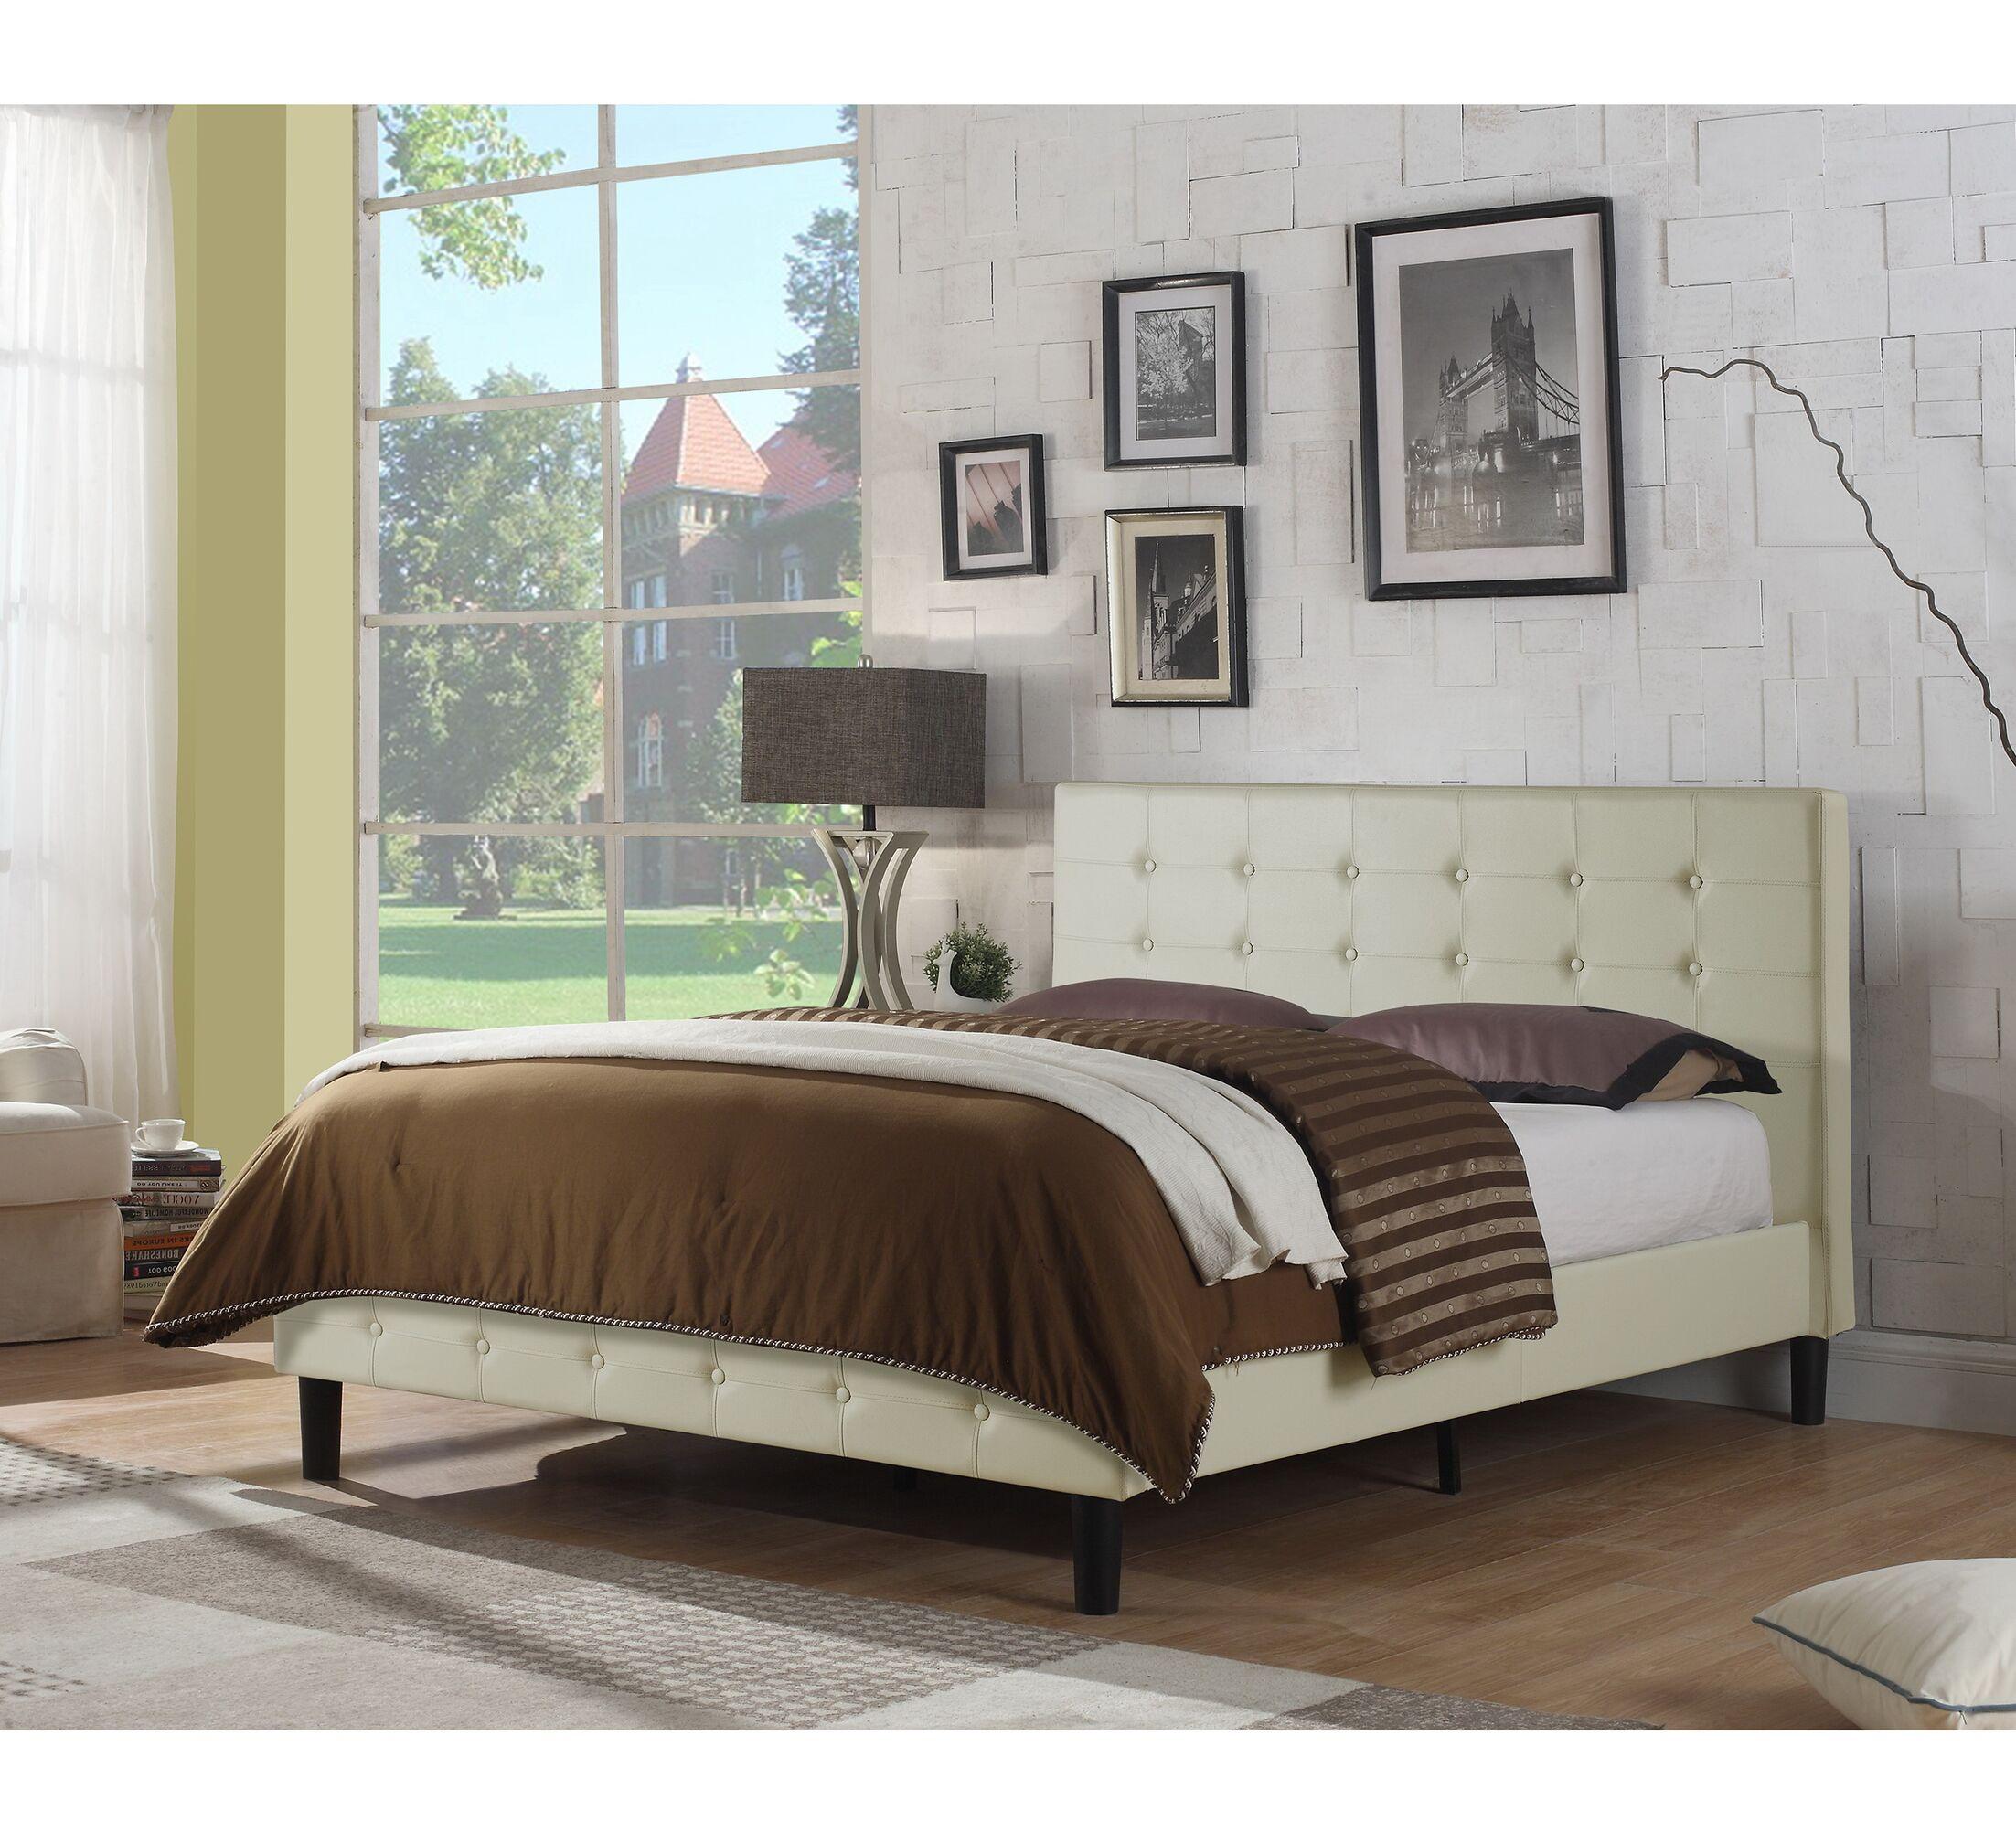 Hankins Upholstered Platform Bed Color: Ivory, Size: Twin